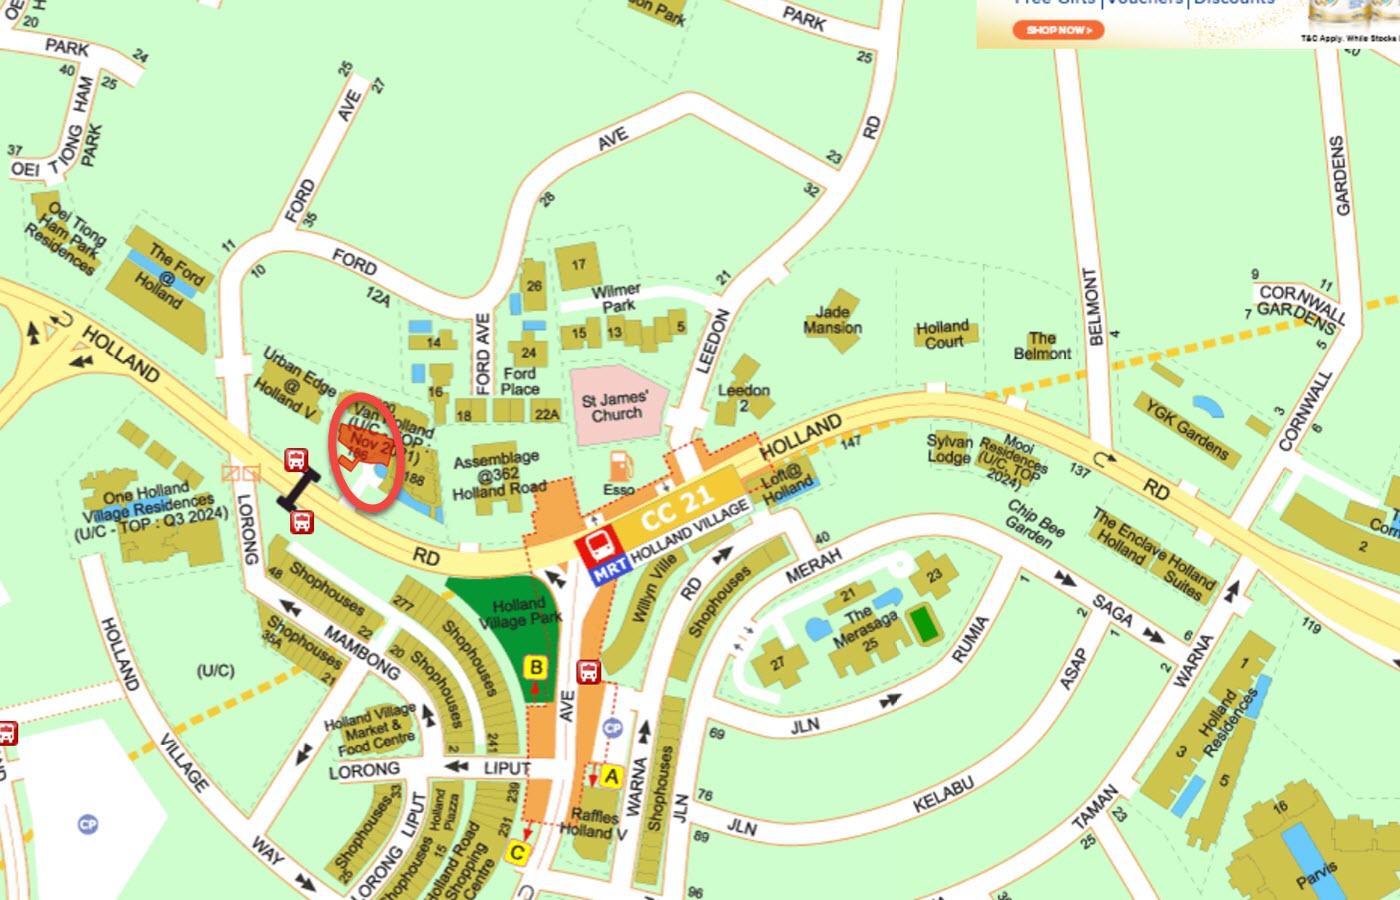 Van Holland Condo Location - Street Directory Map